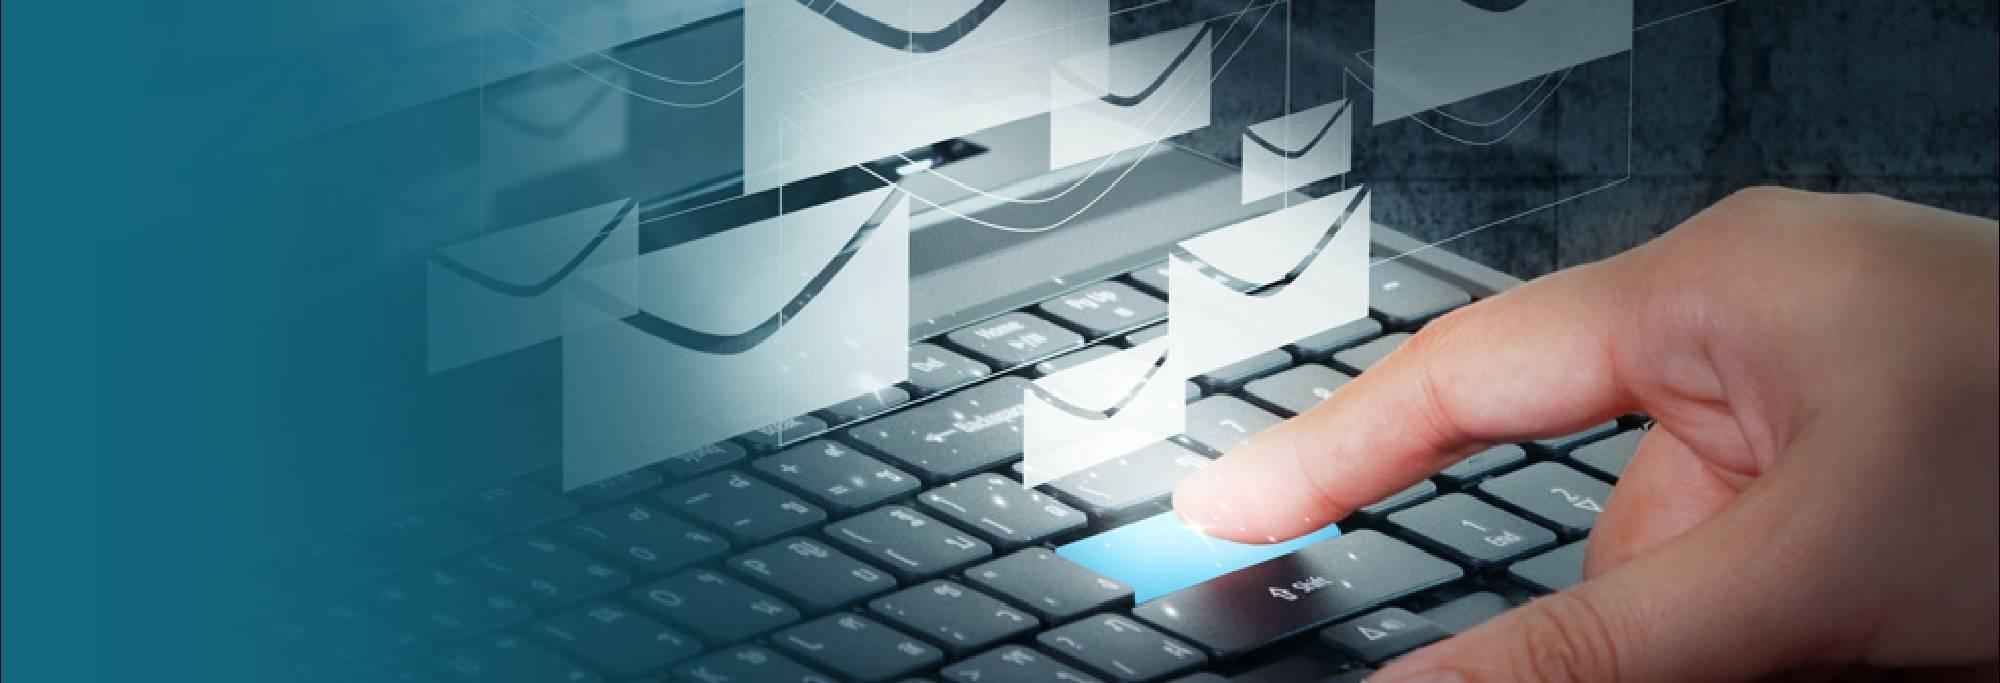 slide-e-invoicing-2000x683